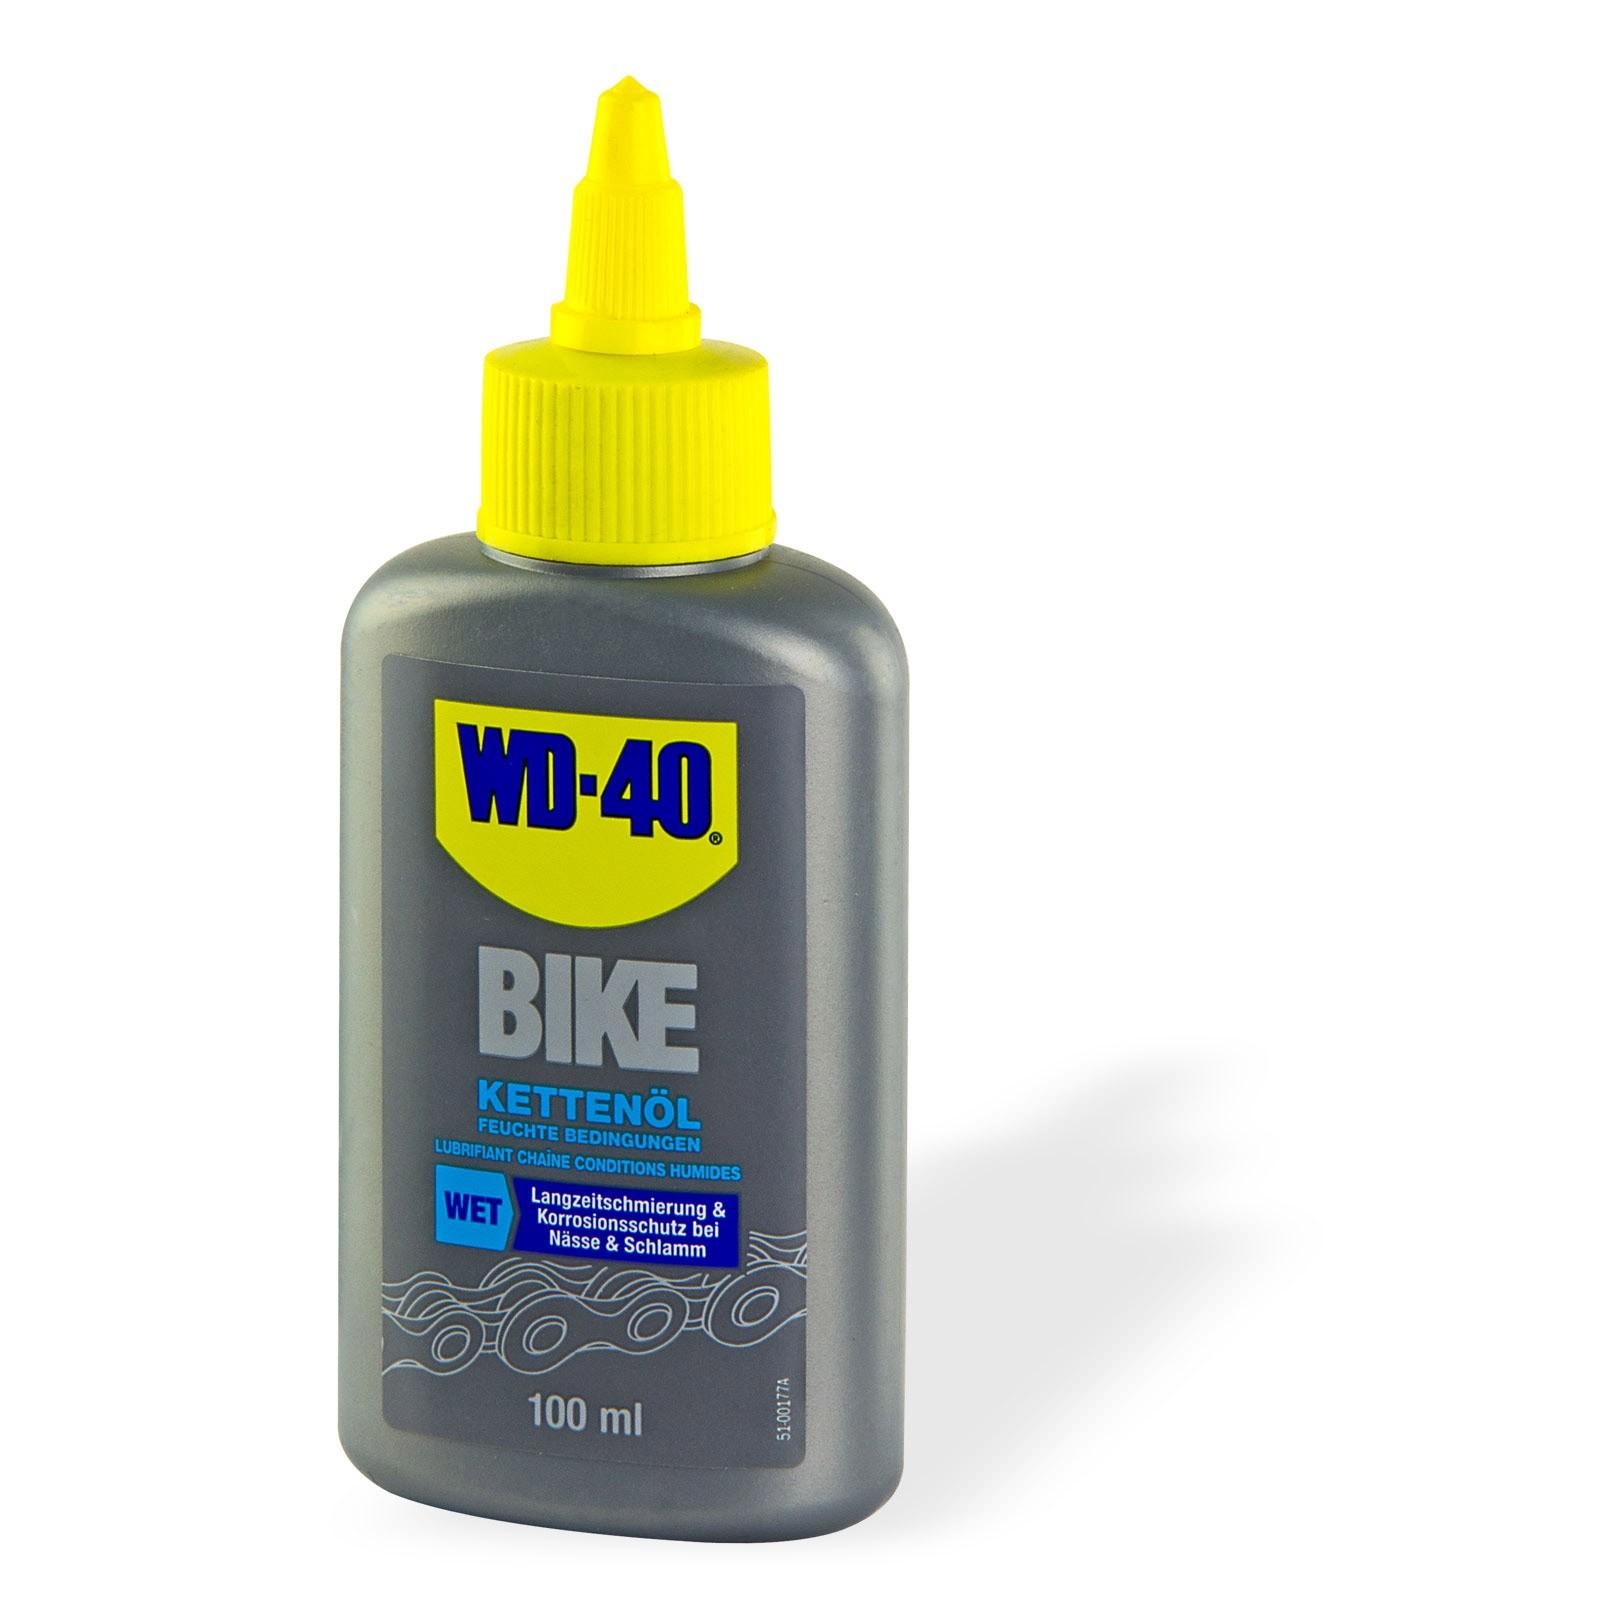 WD 40 WD-40 Bike Fahrrad Kettenöl Feucht 100ml 21171